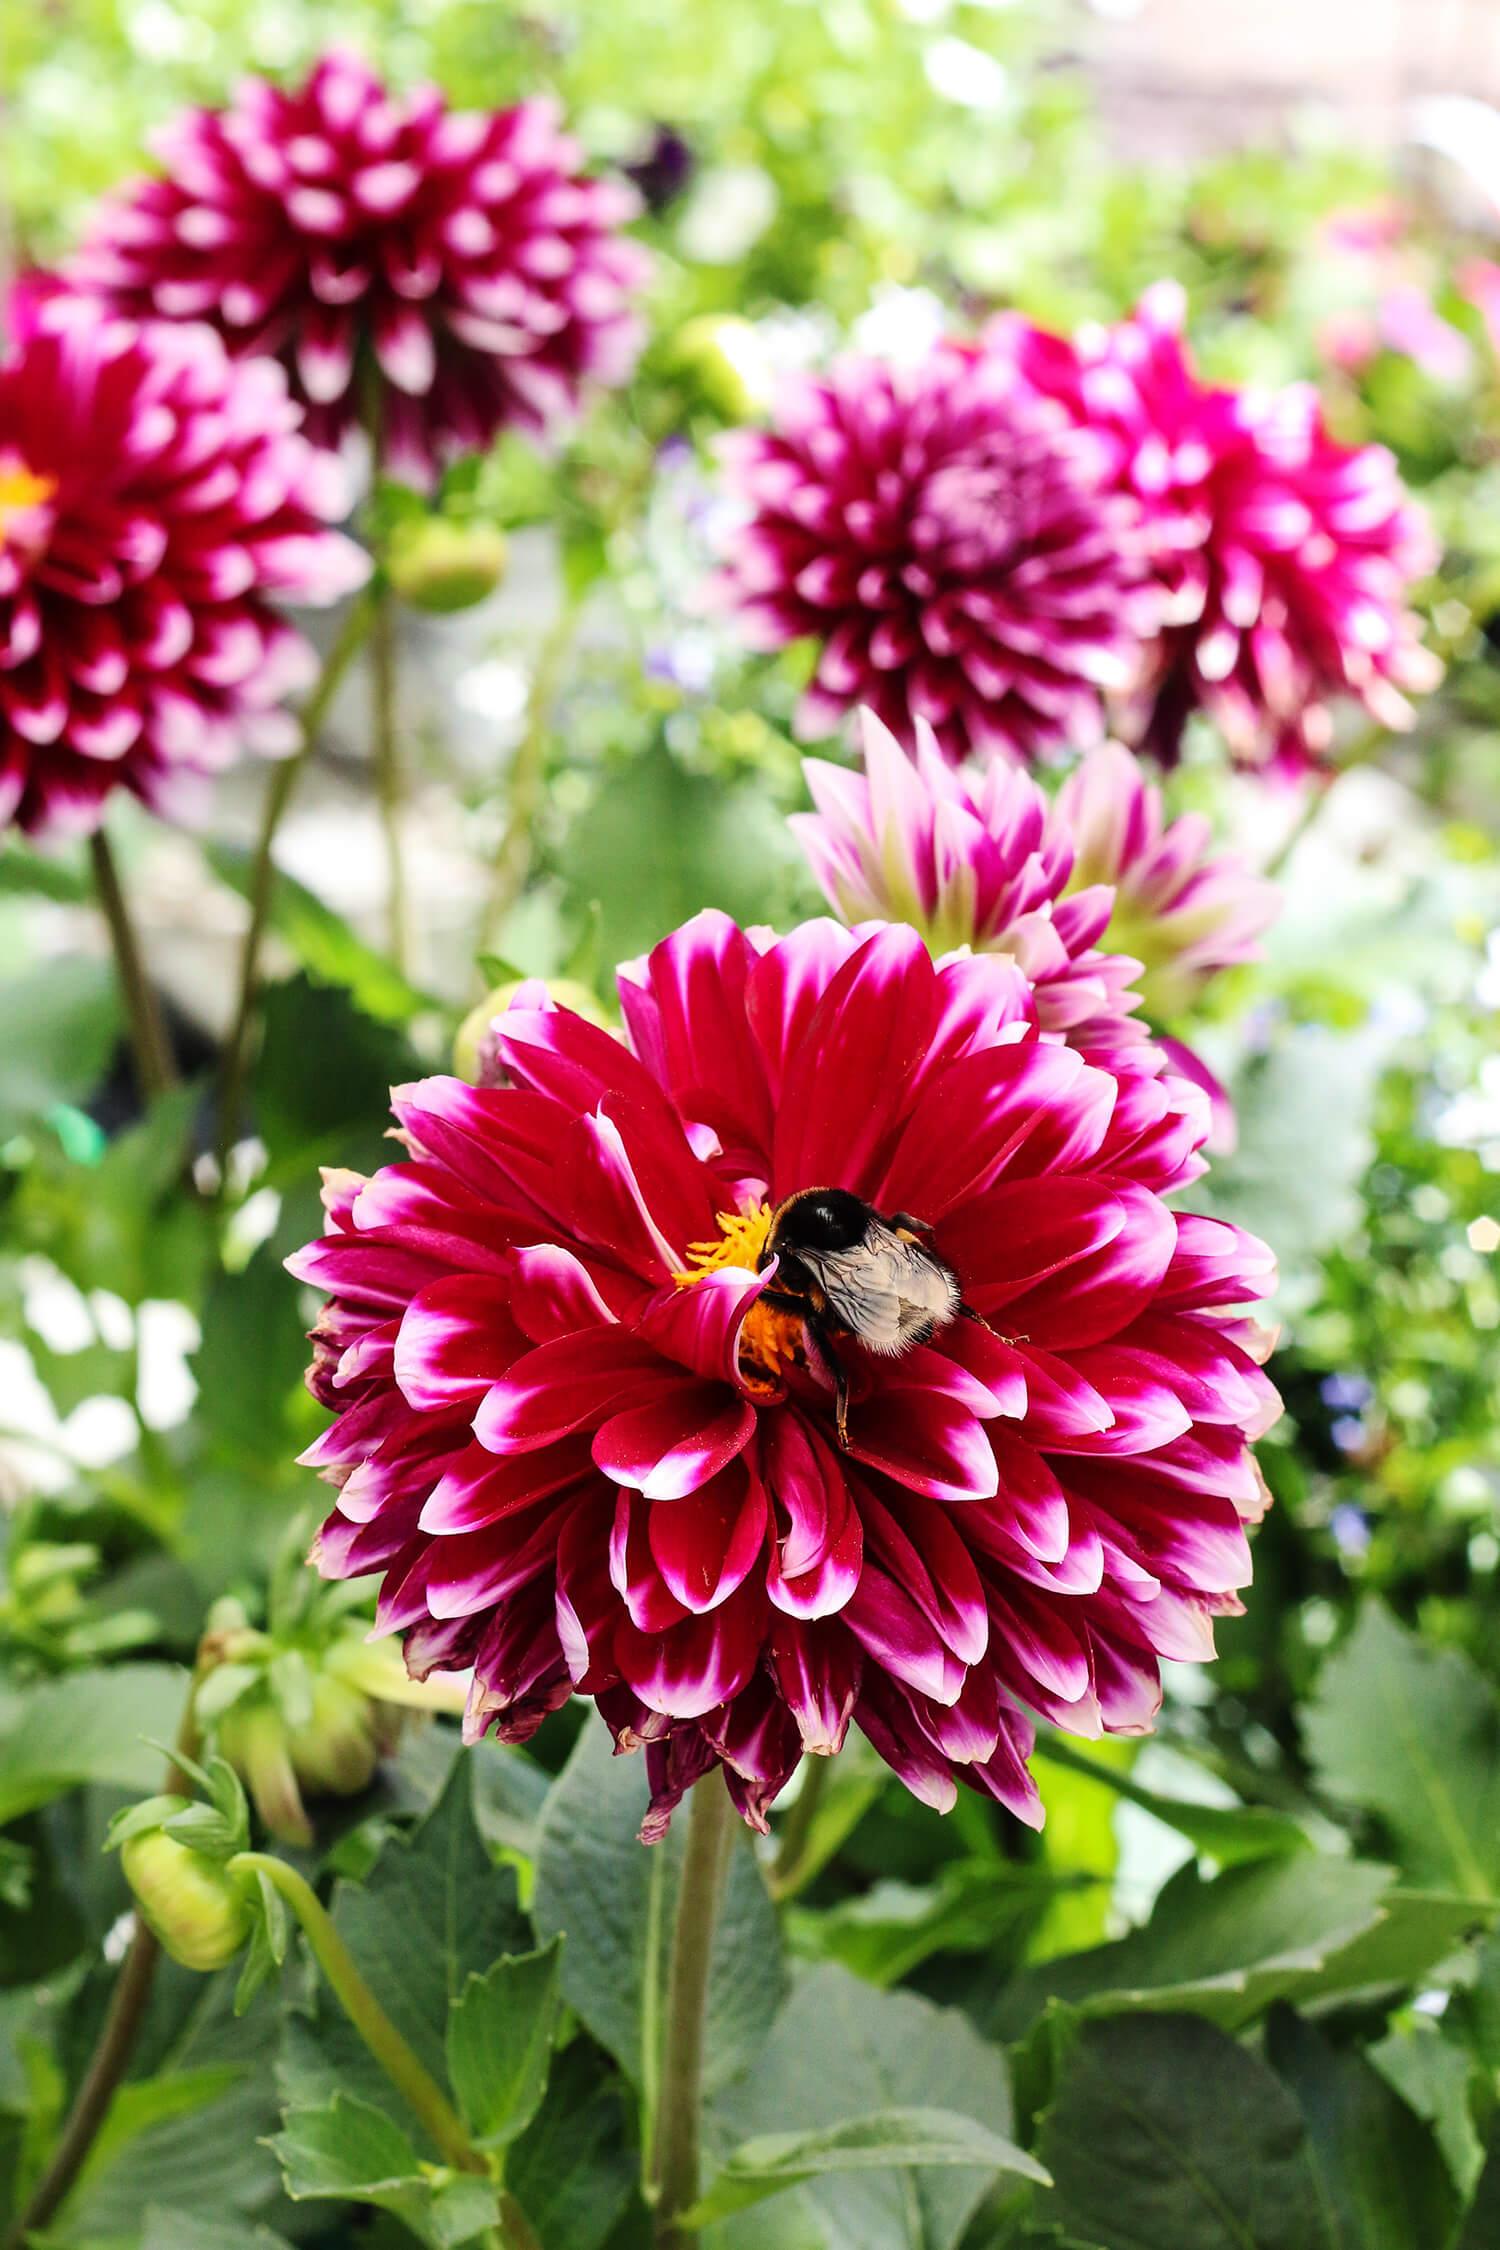 Både människor och pollinerande insekter älskar dahlior! Här har en humla hittat godsaker i mitten på en dahlia i varmt cerise. Dahlior finns i en mängd sorter och färger och är oerhört populär.